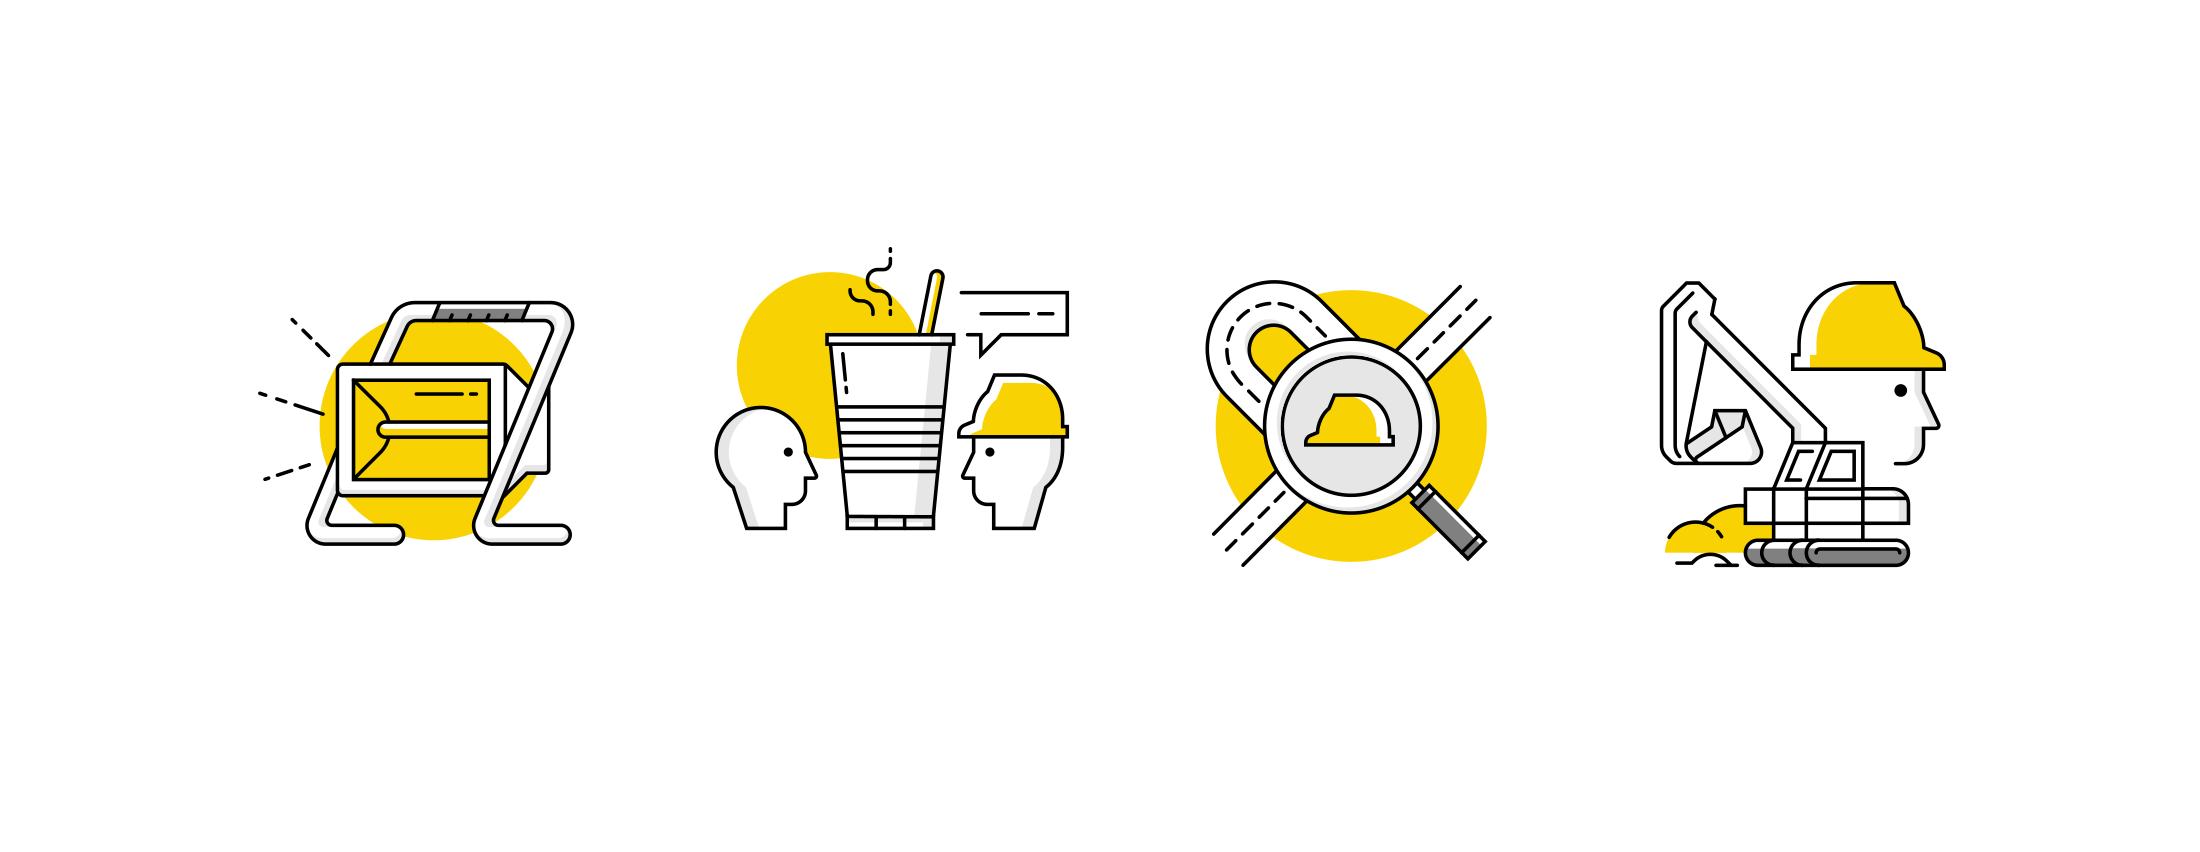 iconen, icoon ontwerp, icons